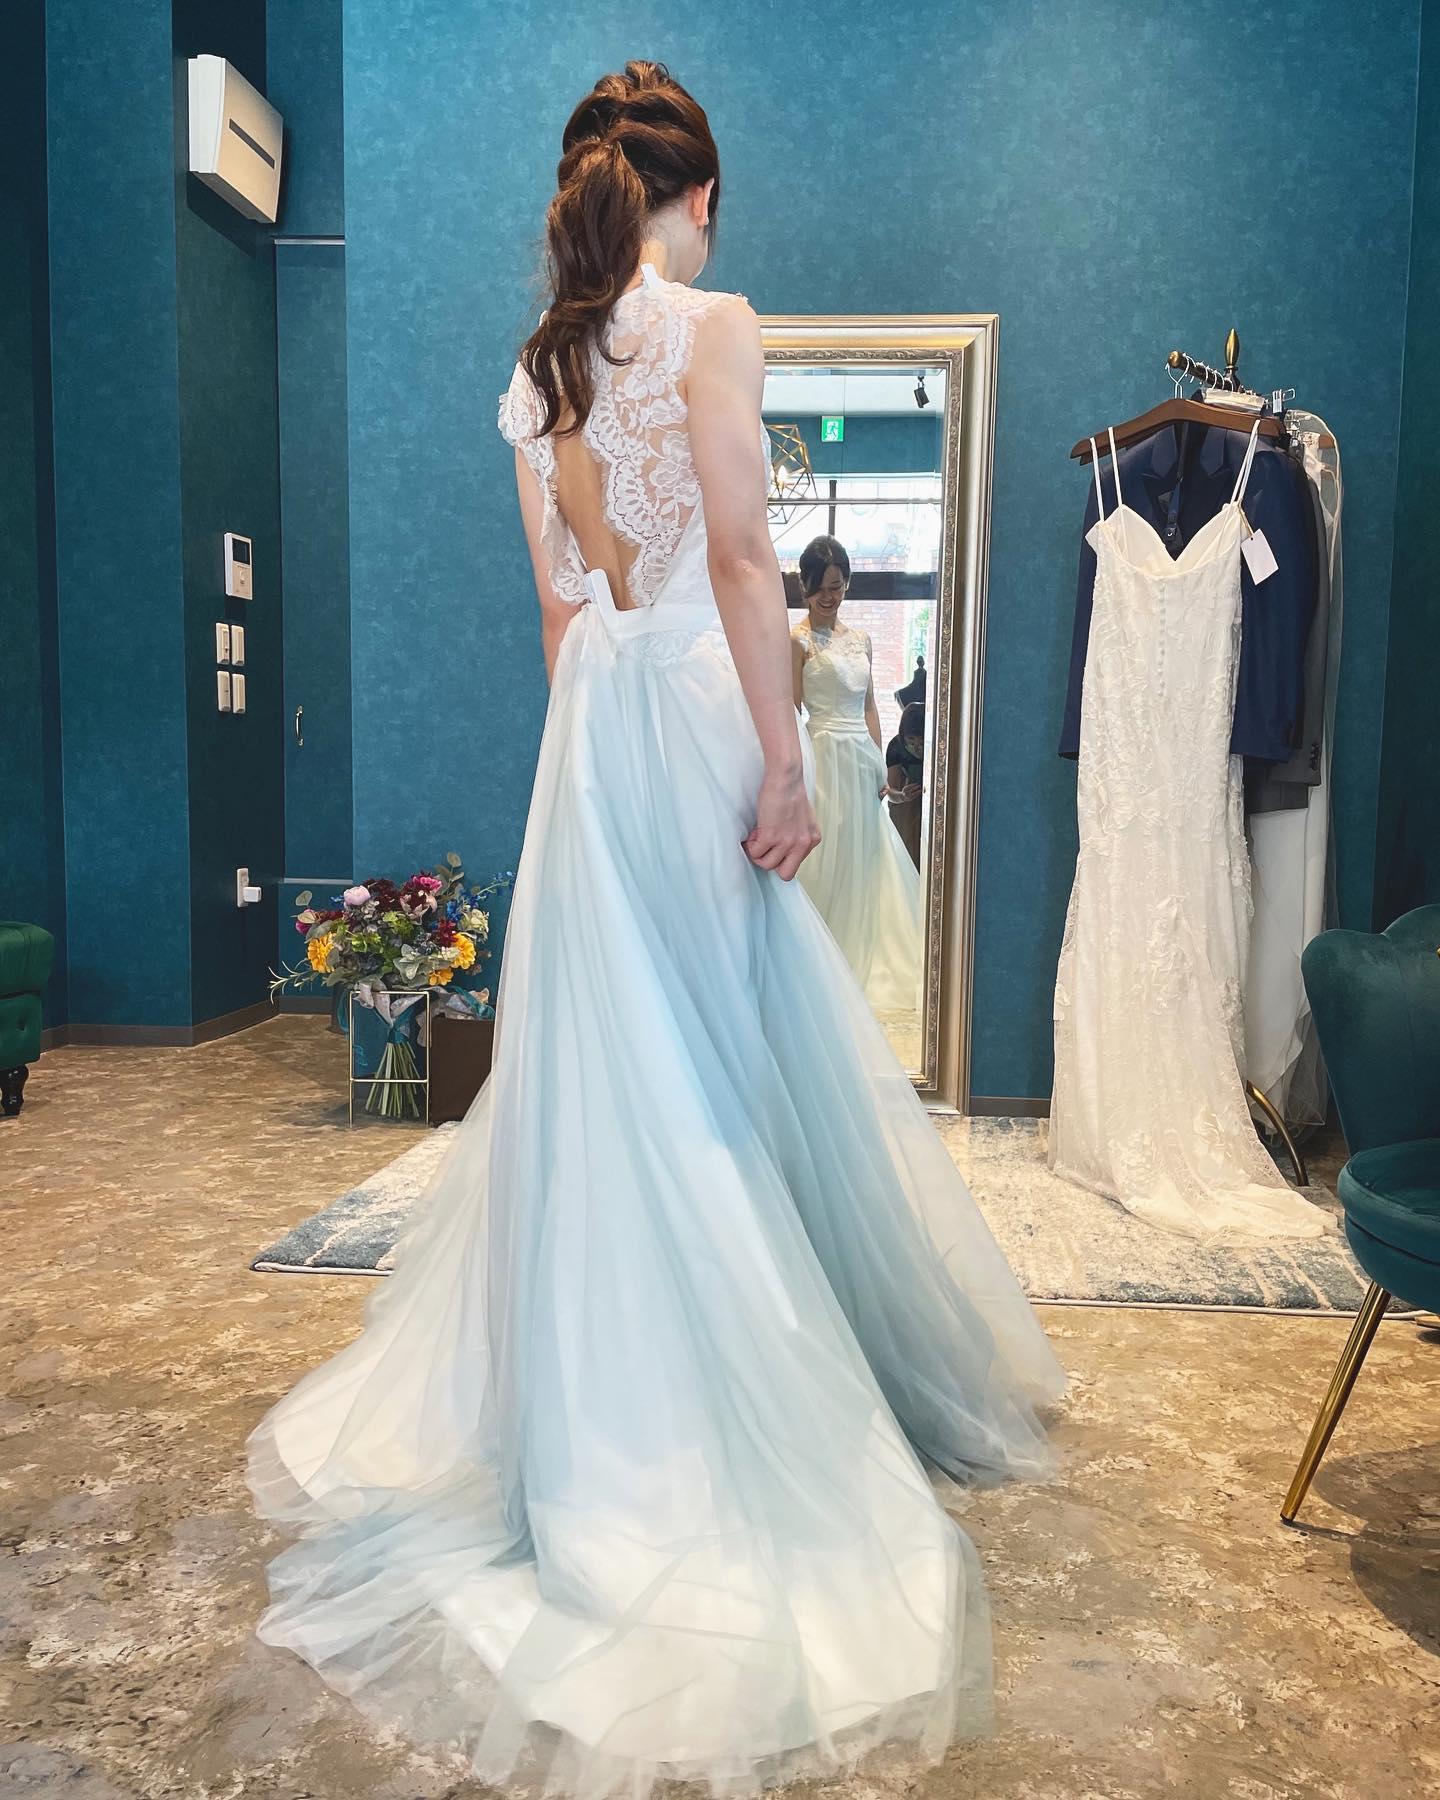 先日のご試着のお客様🕊・一見レースとチュールでガーリーでソフトな印象のドレスですが…愛らしいバックスタイルでゲストの視線を集める魅力的な一着・スカートに薄いブルーのチュールが組み込まれているのも素敵ですフォトウェディングにもピッタリ・動くと更にグラデーションが美しいのです・R.COSY BL購入価格¥380,000・#wedding #weddingdress #claras #paris #vowrenewal #aoyama#ウェディングドレス #プレ花嫁 #ドレス試着 #2021夏婚 #2021冬婚 #ヘアメイク #結婚式  #ドレス選び #前撮り #後撮り #フォトウェディング #ウェディングヘア  #フォト婚 #前撮り写真 #ブライダルフォト #カップルフォト #ウェディングドレス探し #ウェディングドレス試着 #レンタルドレス #ドレスショップ #家族婚 #バウリニューアル #記念日婚